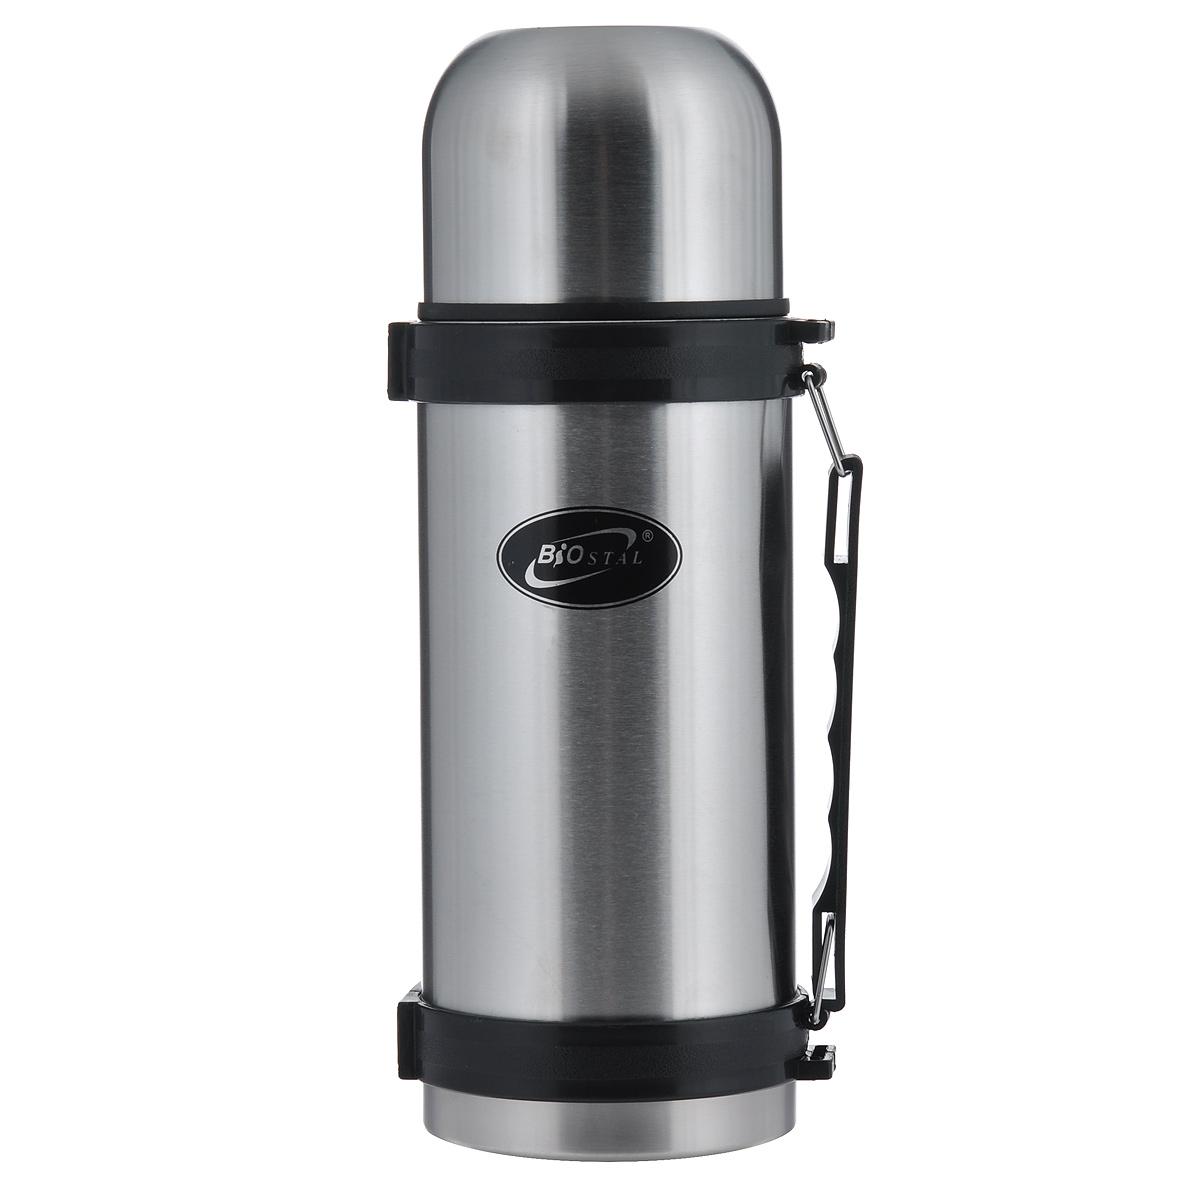 Термос BIOSTAL, 1 л. NY-1000-2FEAST 5Термос с узким горлом BIOSTAL, изготовленный из высококачественной нержавеющей стали, относится к классической серии. Термосы этой серии, являющейся лидером продаж, просты в использовании, экономичны и многофункциональны. Термос предназначен для хранения горячих и холодных напитков (чая, кофе) и укомплектован пробкой с кнопкой. Такая пробка удобна в использовании и позволяет, не отвинчивая ее, наливать напитки после простого нажатия. Изделие также оснащено крышкой-чашкой, и удобной пластиковой ручкой. Легкий и прочный термос BIOSTAL сохранит ваши напитки горячими или холодными надолго.